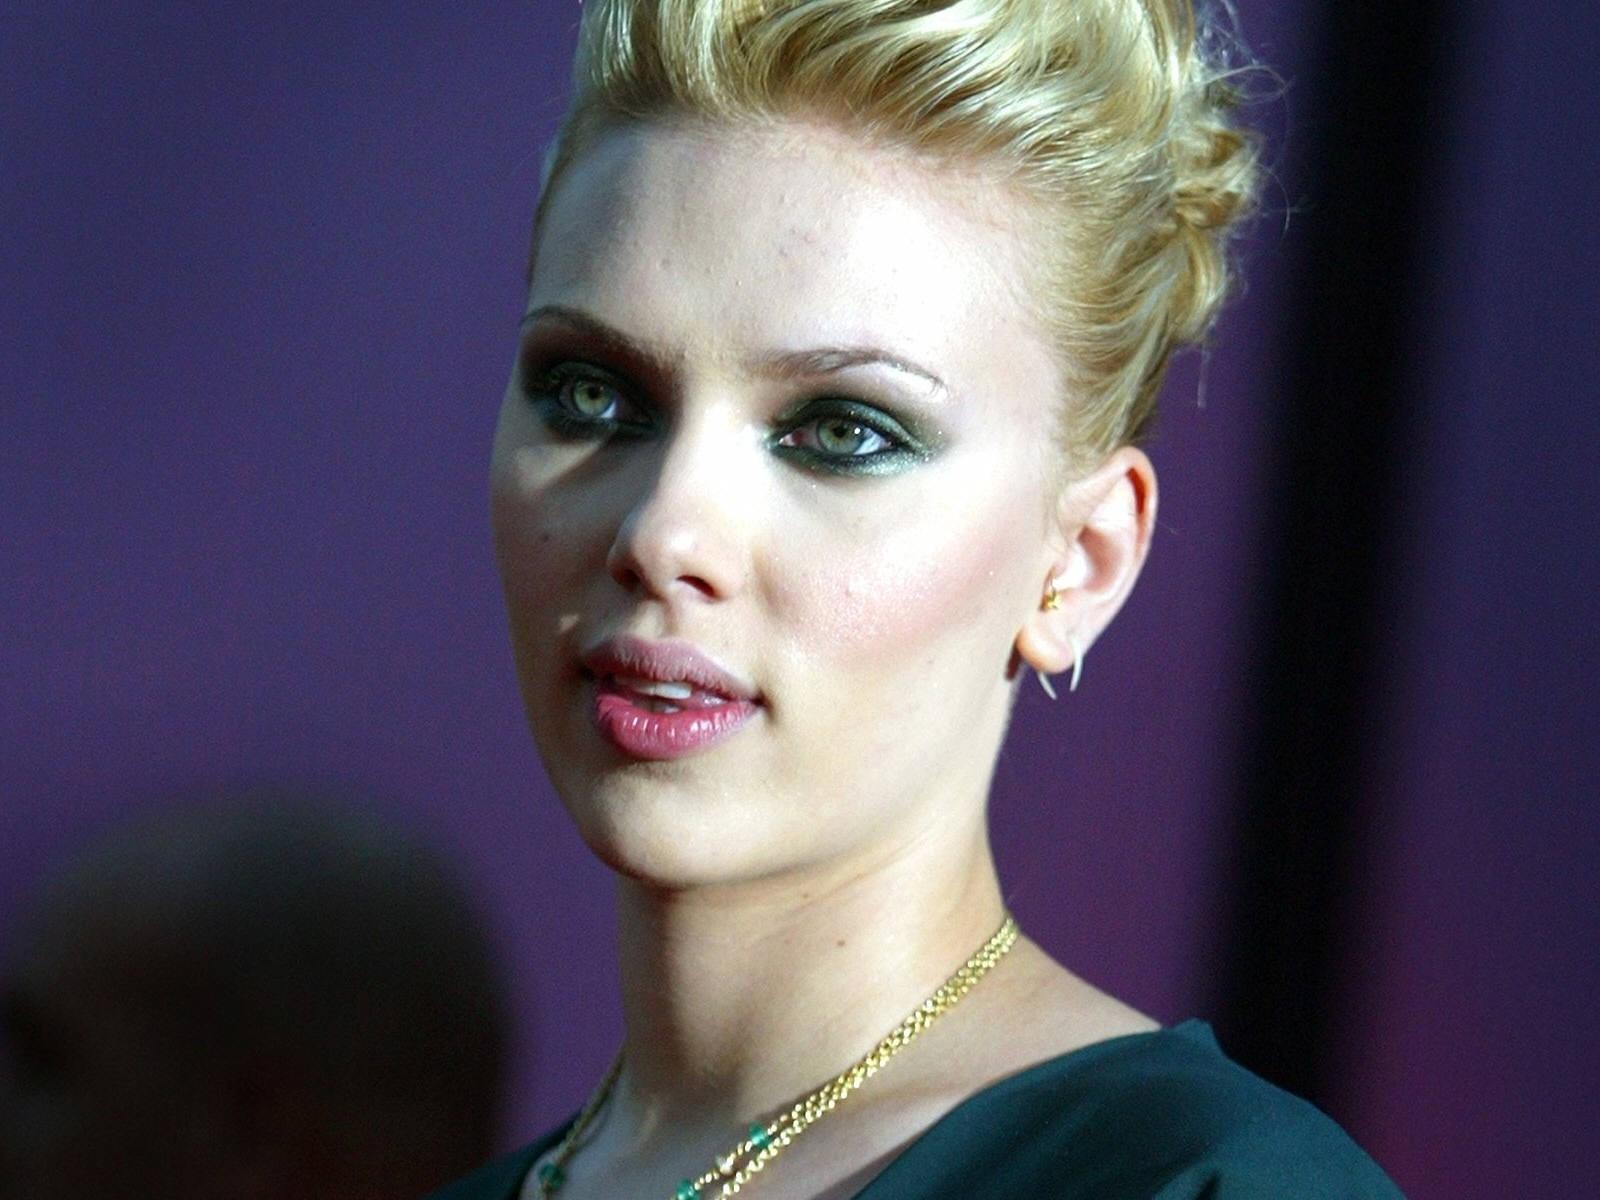 Wallpaper di Scarlett Johansson su fondo blu scuro